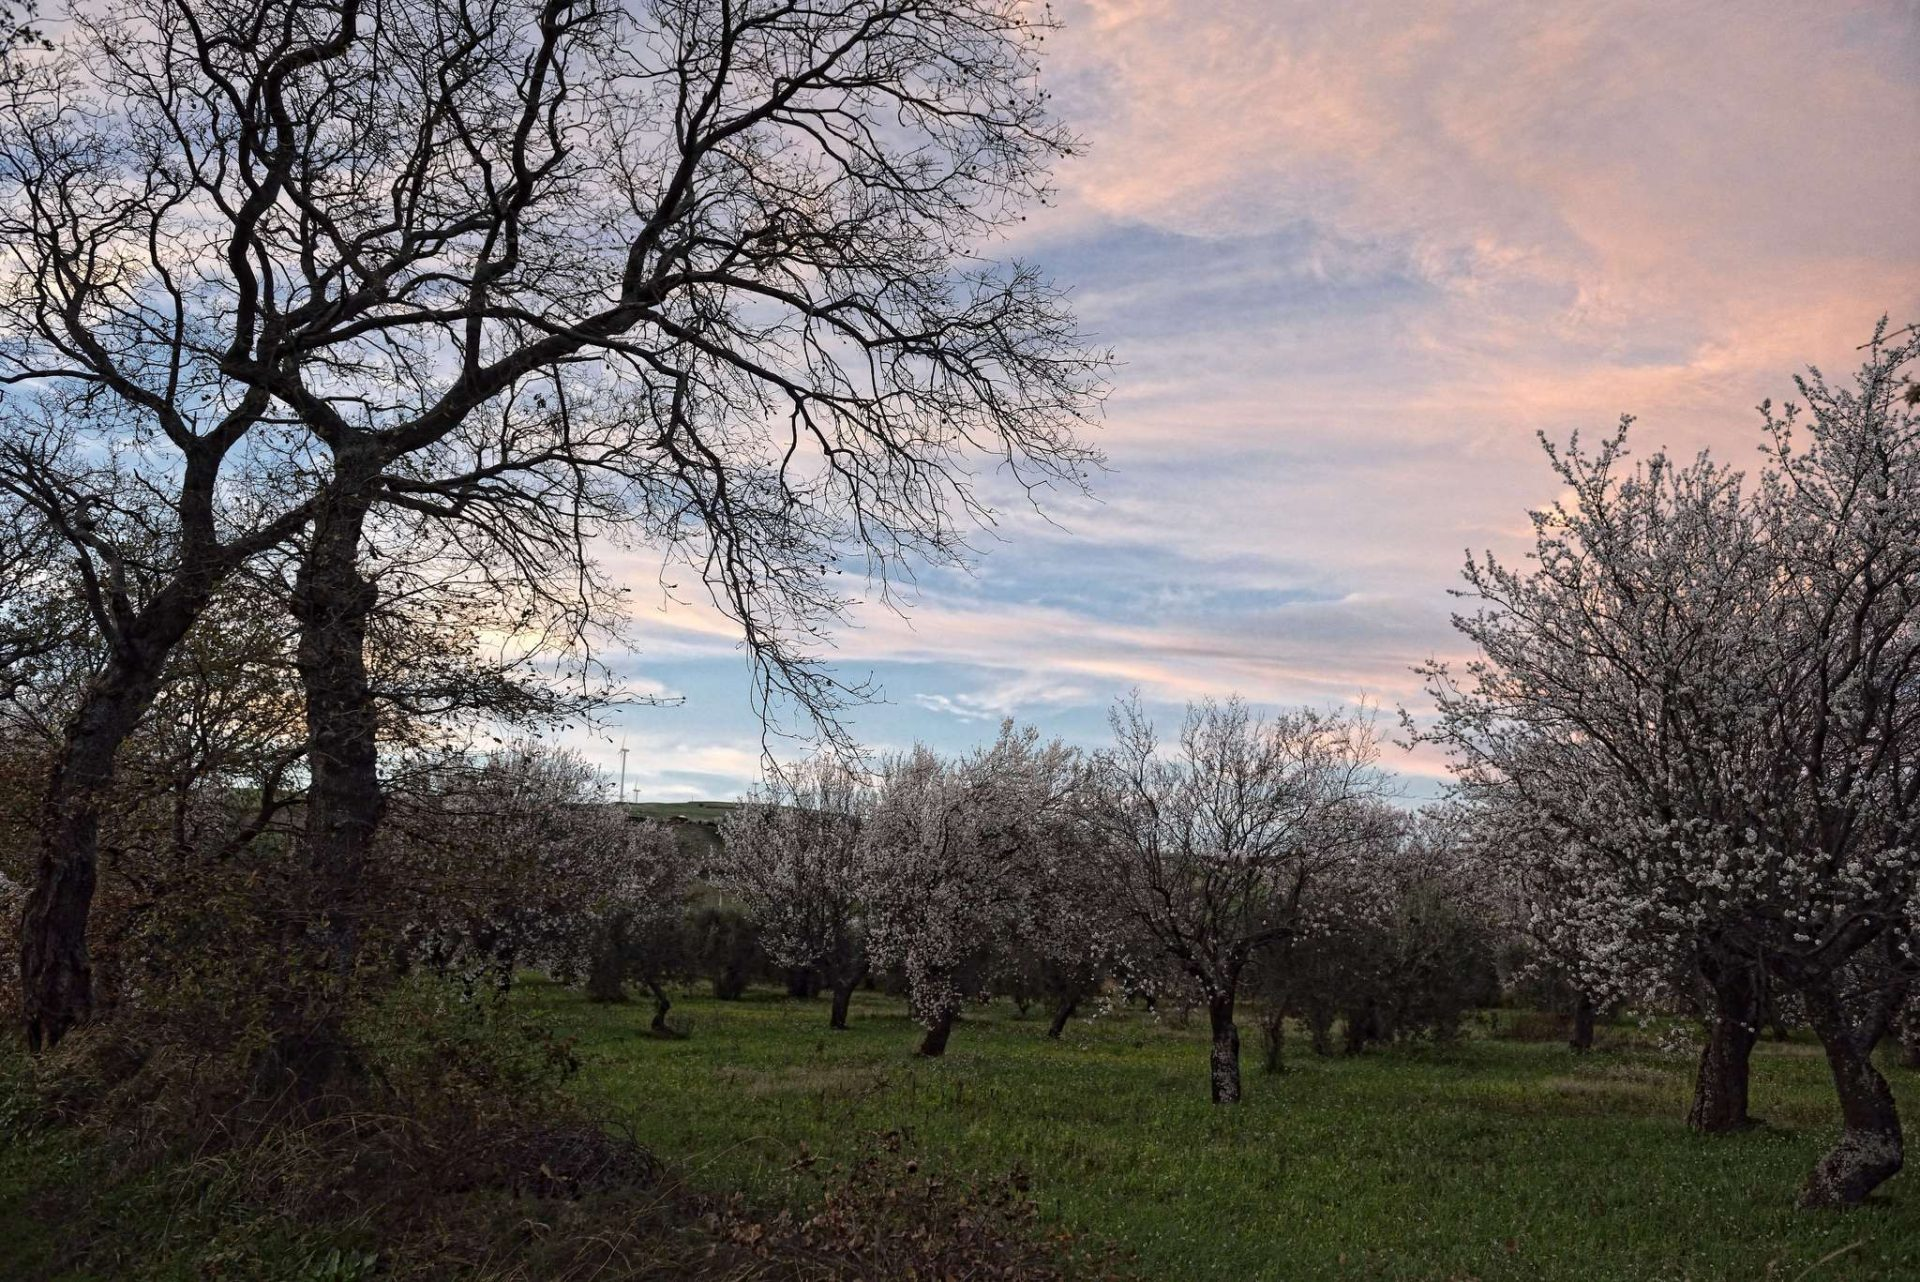 Kwitnące drzewo migdałowe Gargano Apulia luty kiedy jechać do apulii i bazylikaty